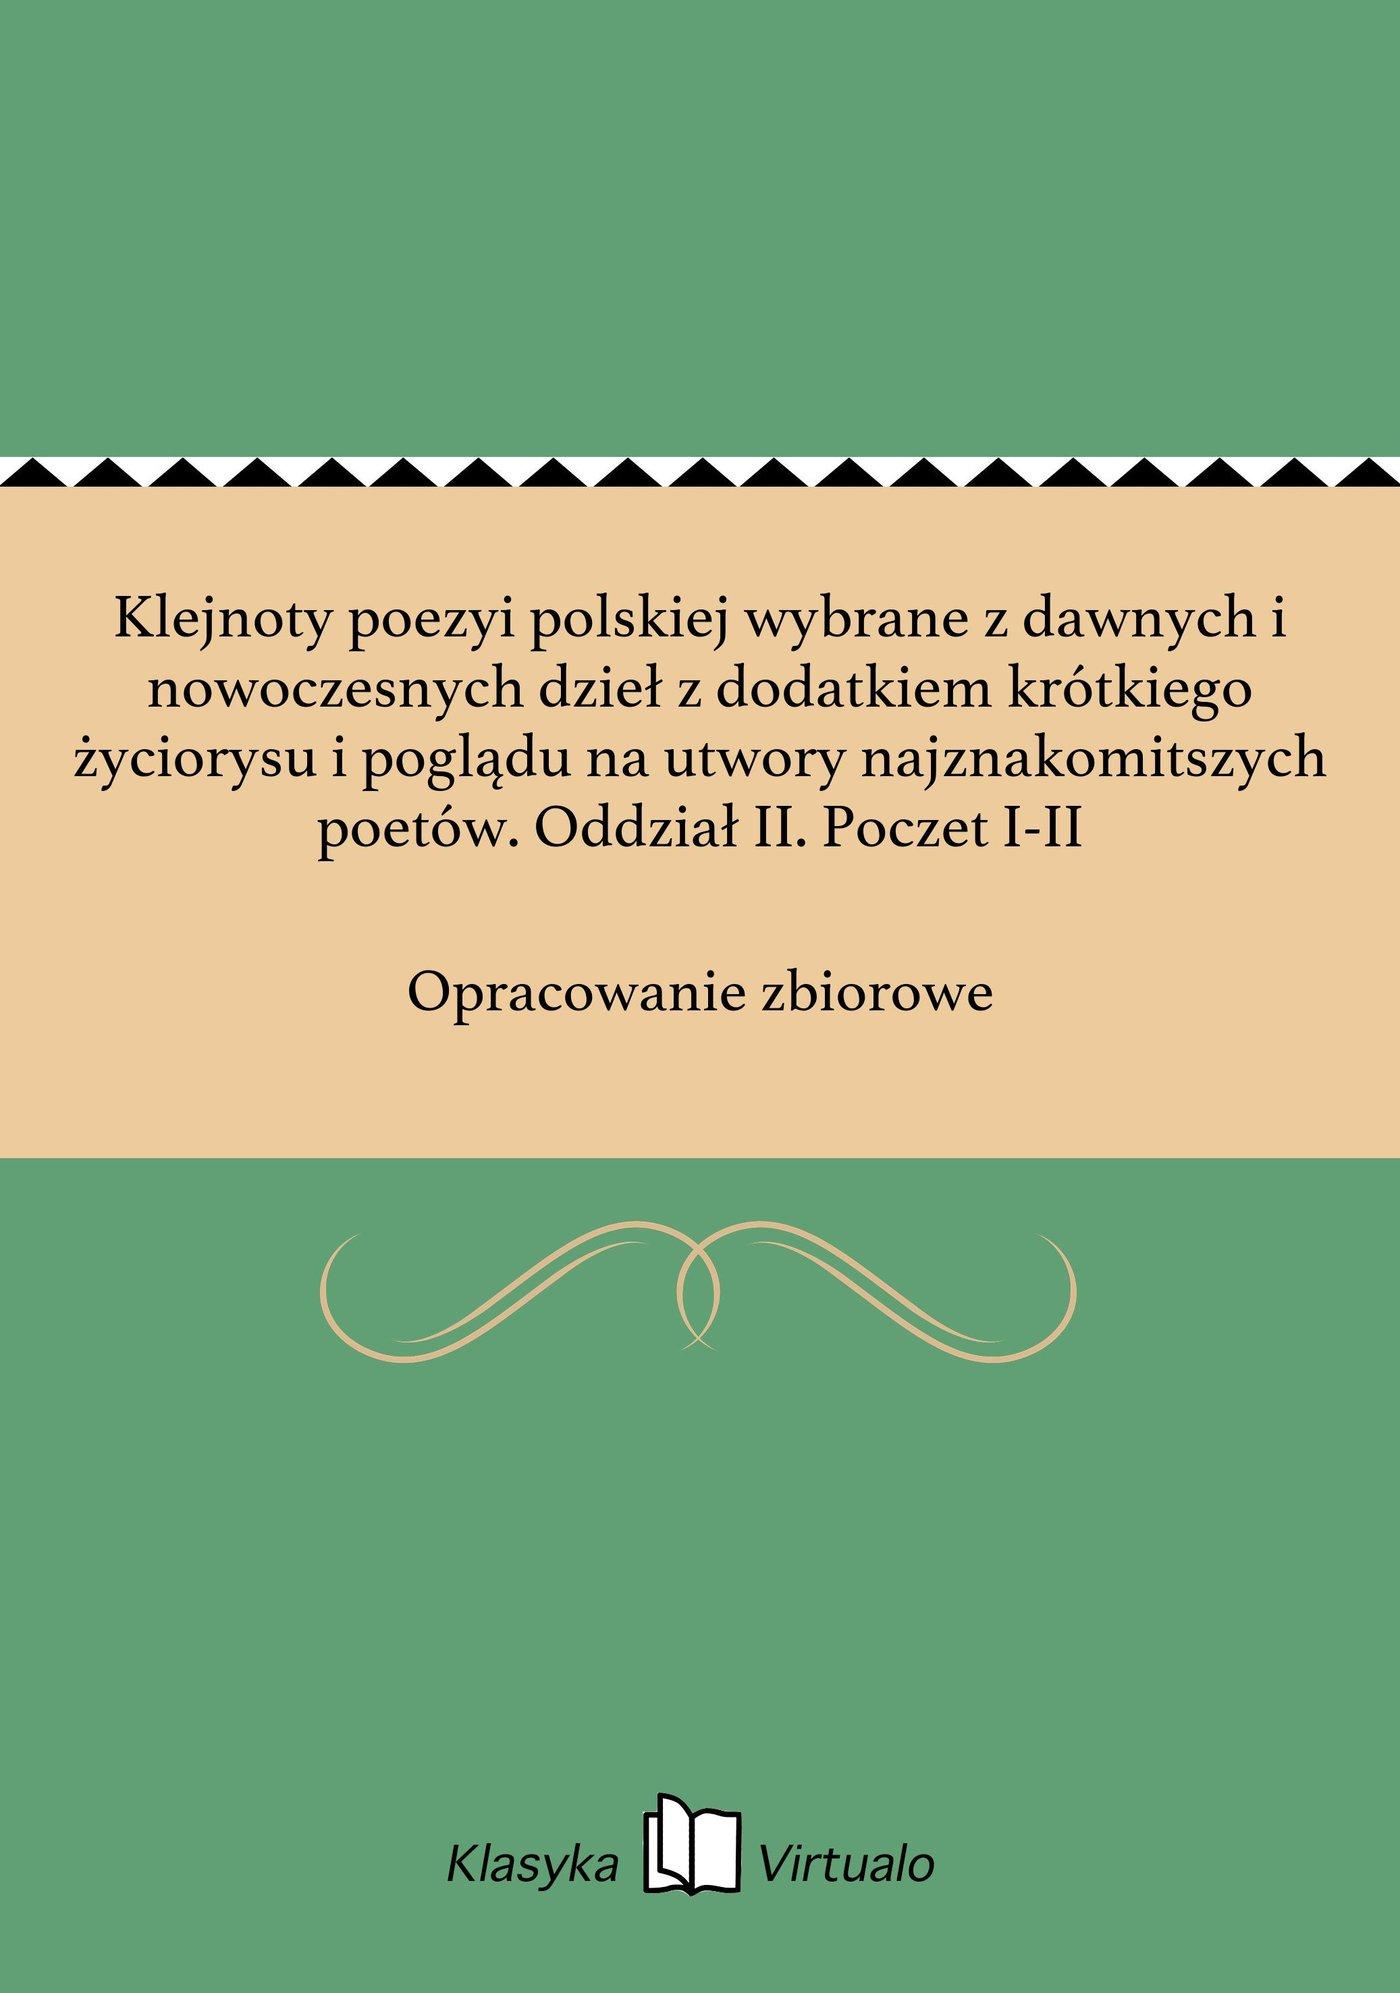 Klejnoty poezyi polskiej wybrane z dawnych i nowoczesnych dzieł z dodatkiem krótkiego życiorysu i poglądu na utwory najznakomitszych poetów. Oddział II. Poczet I-II - Ebook (Książka EPUB) do pobrania w formacie EPUB